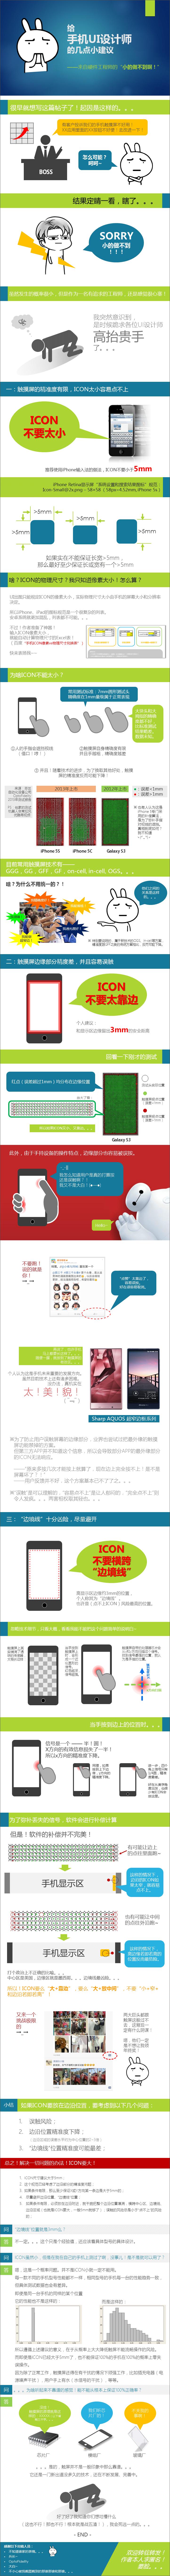 给手机UI设计师的几点小建议,来自莫贝网http://www.mobileui.cn